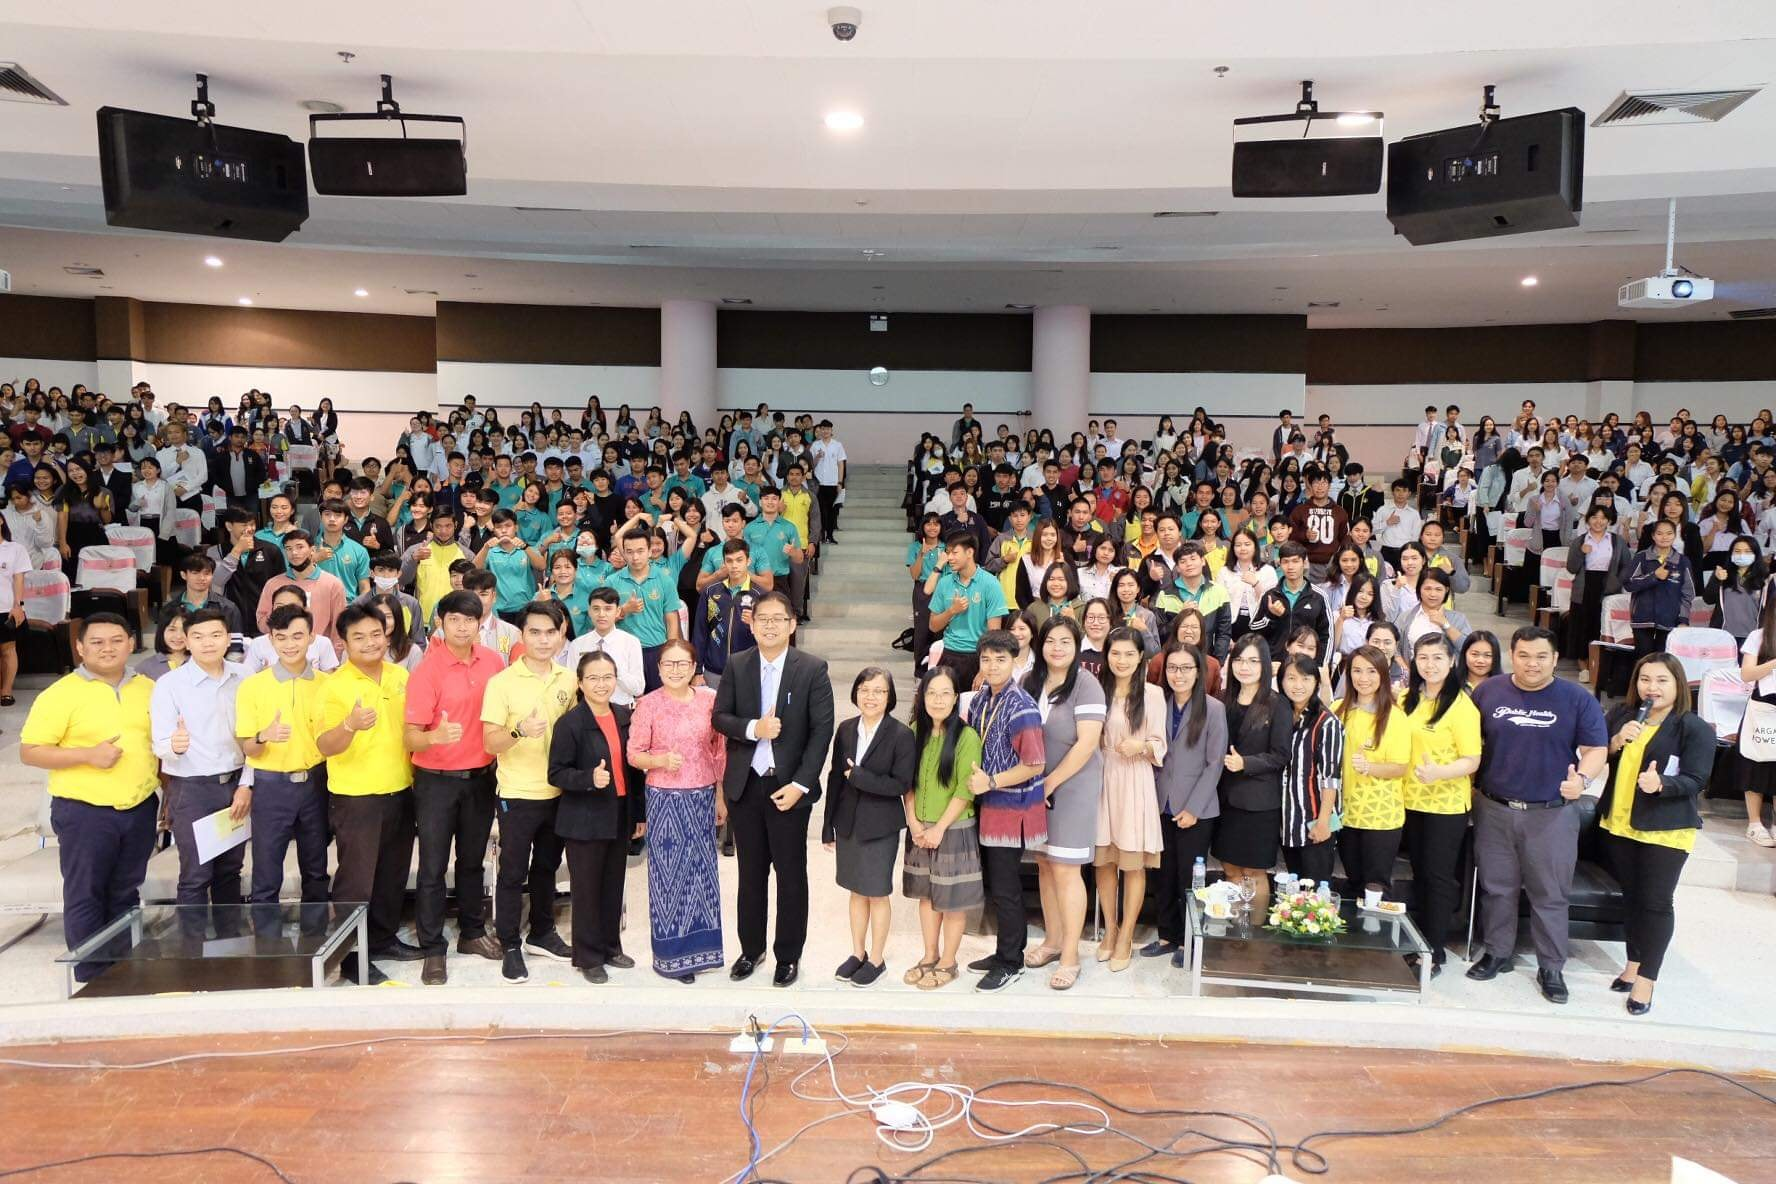 จัดโครงการเตรียมความพร้อมก่อนเข้าสู่โลกอาชีพ มหาวิทยาลัยมหาสารคาม ประจำปี 2563